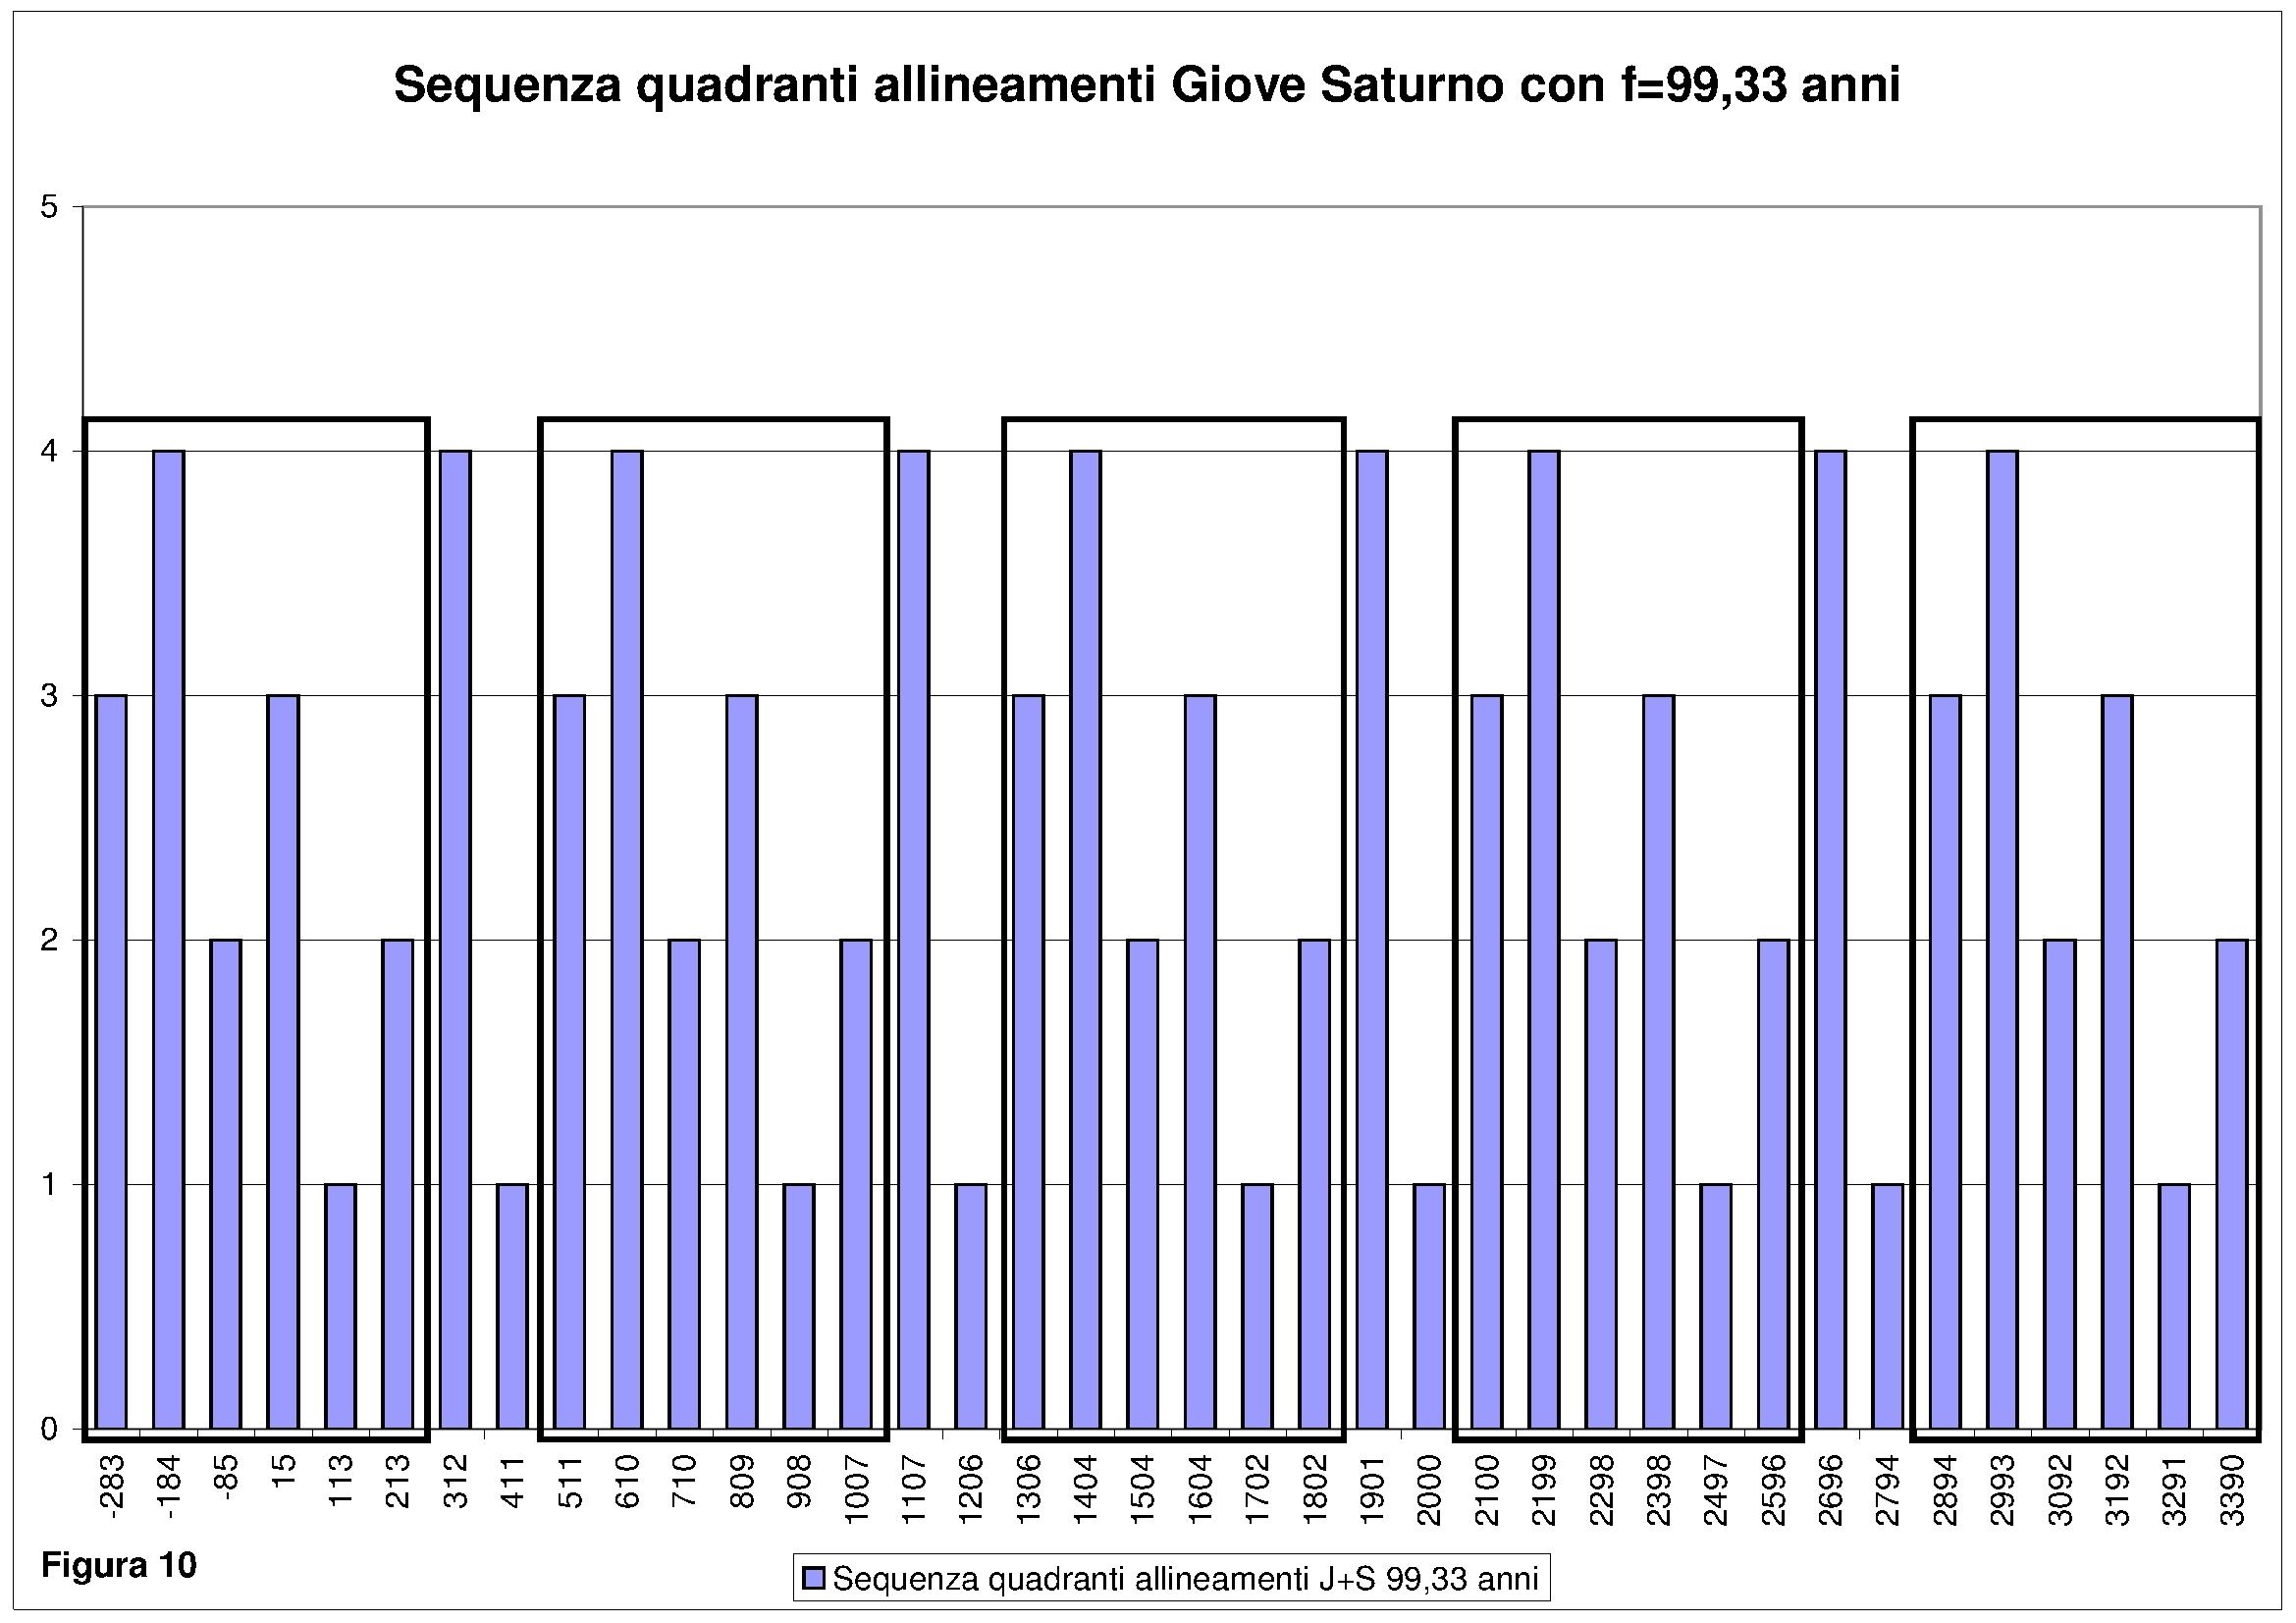 10_Sequenza giove saturno 100 anni